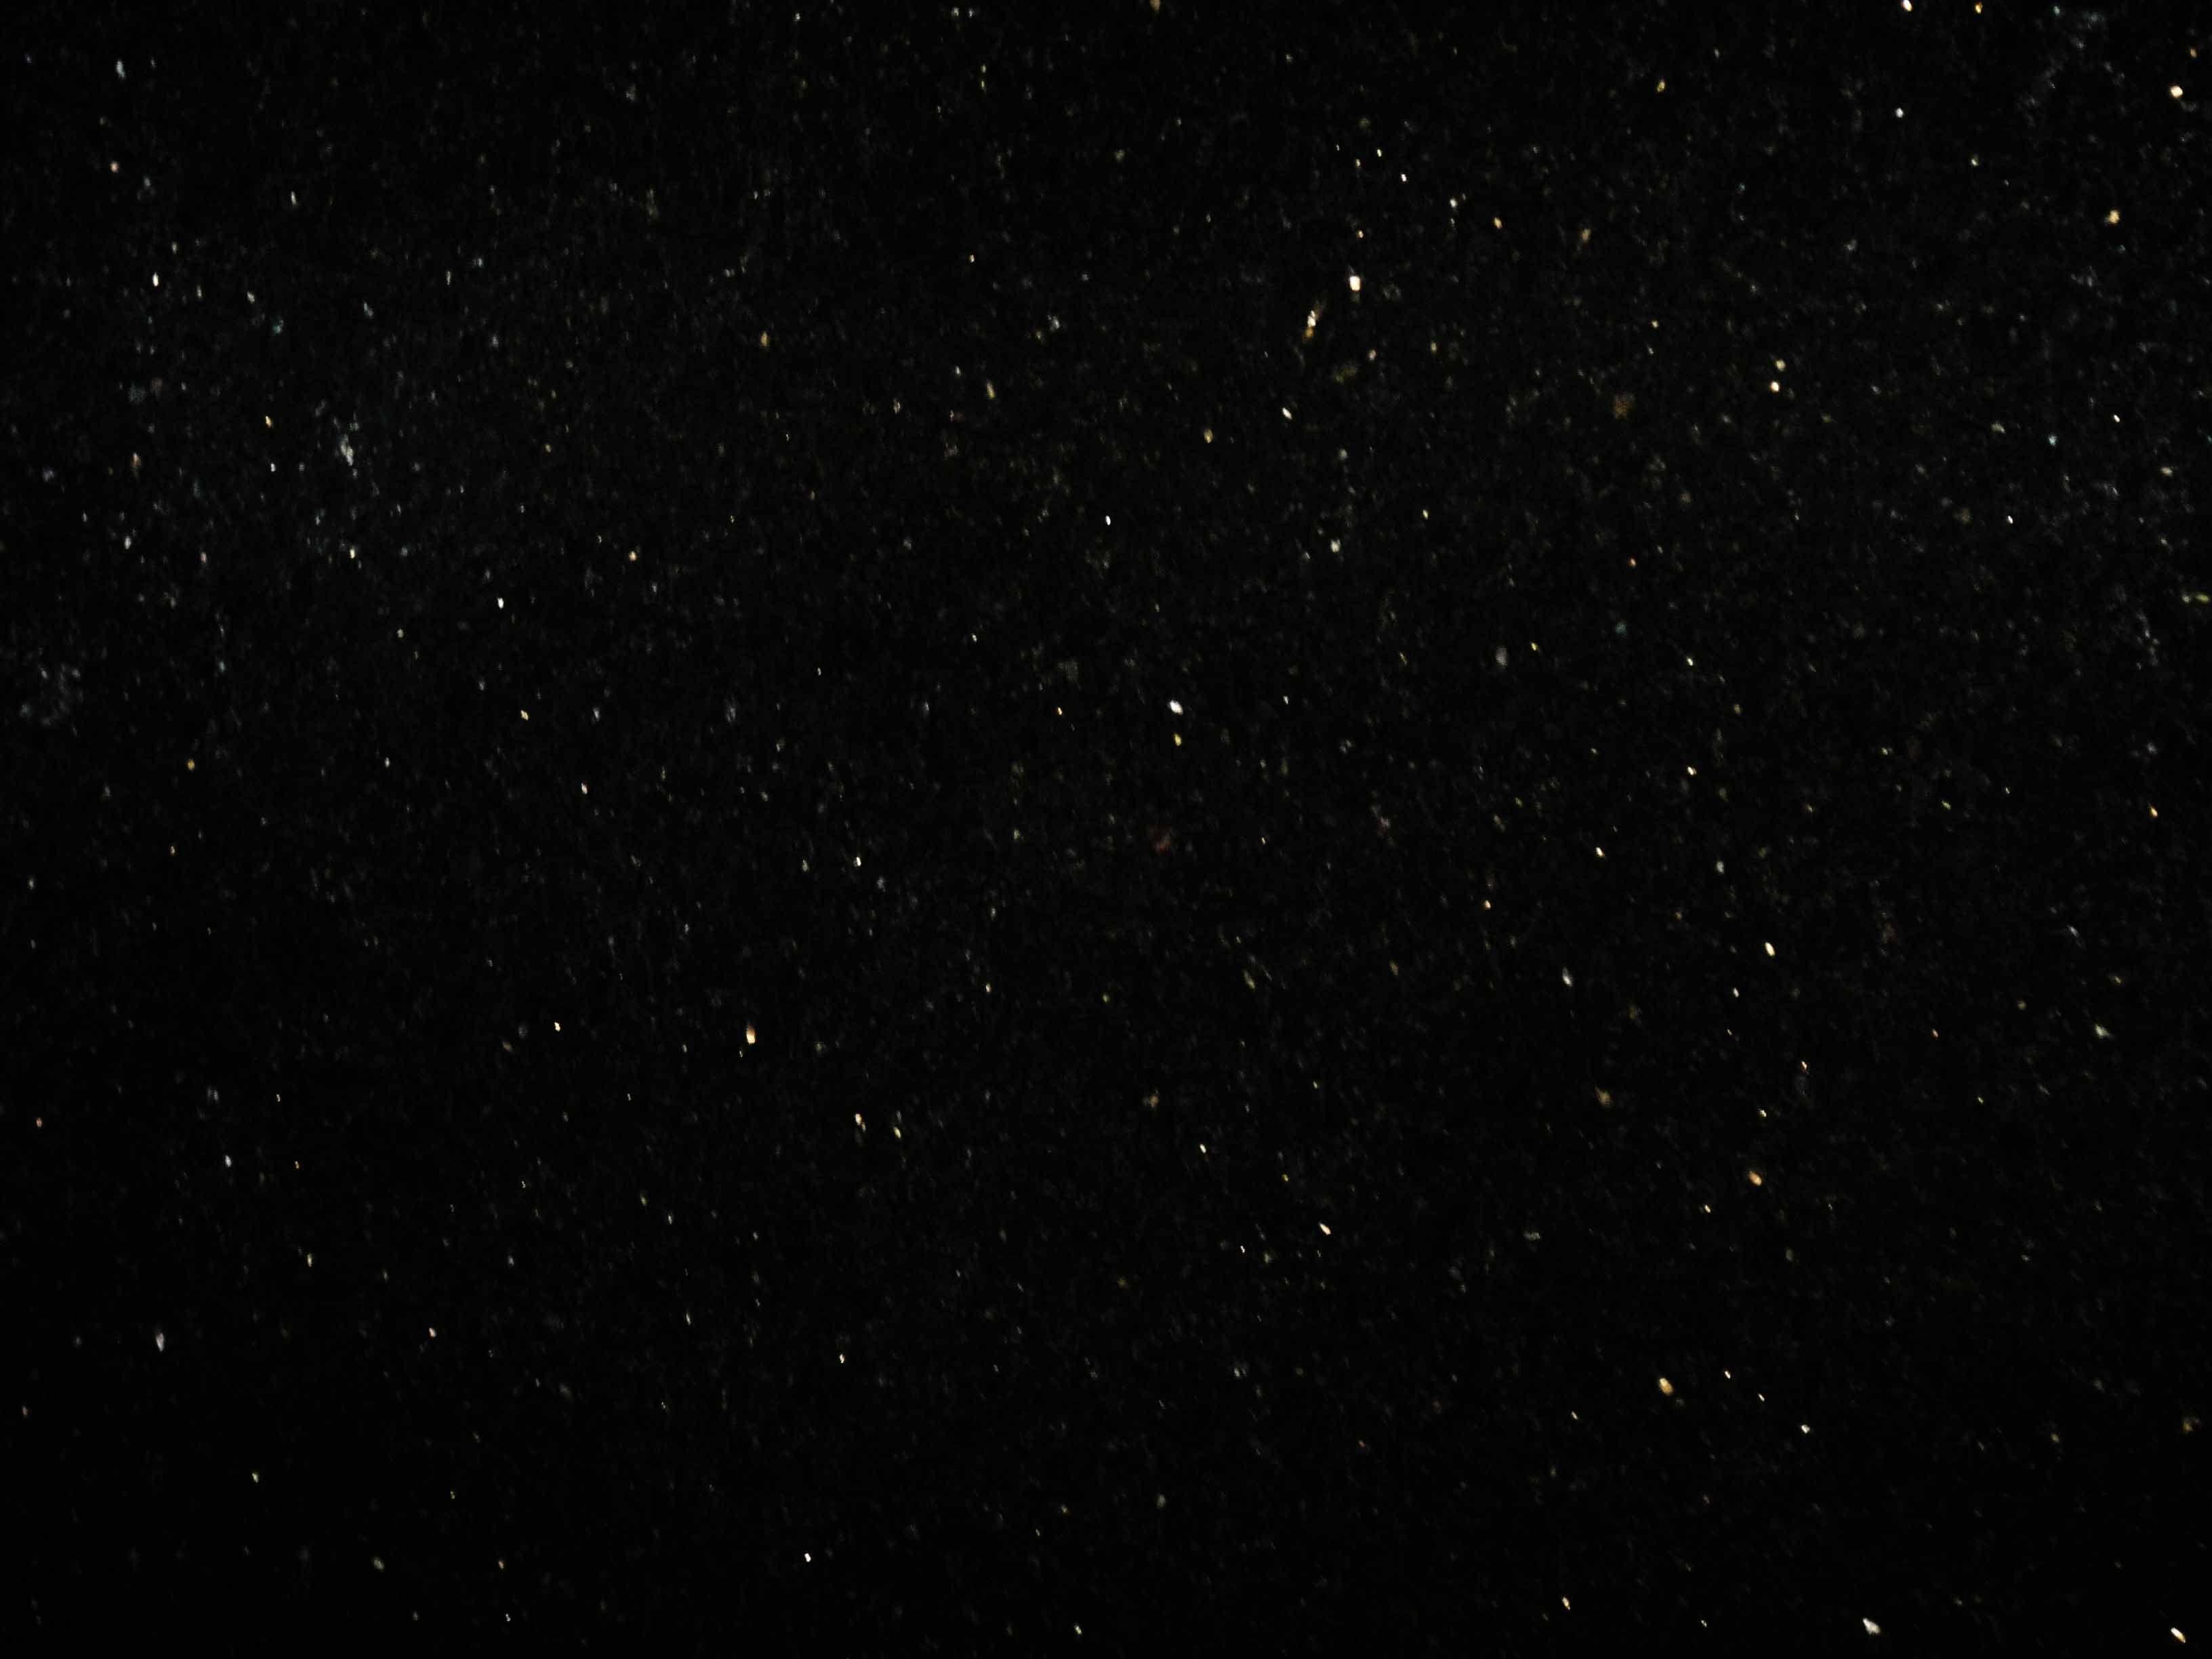 Unduh 800+ Wallpaper Black Hd Tumblr  Gratis